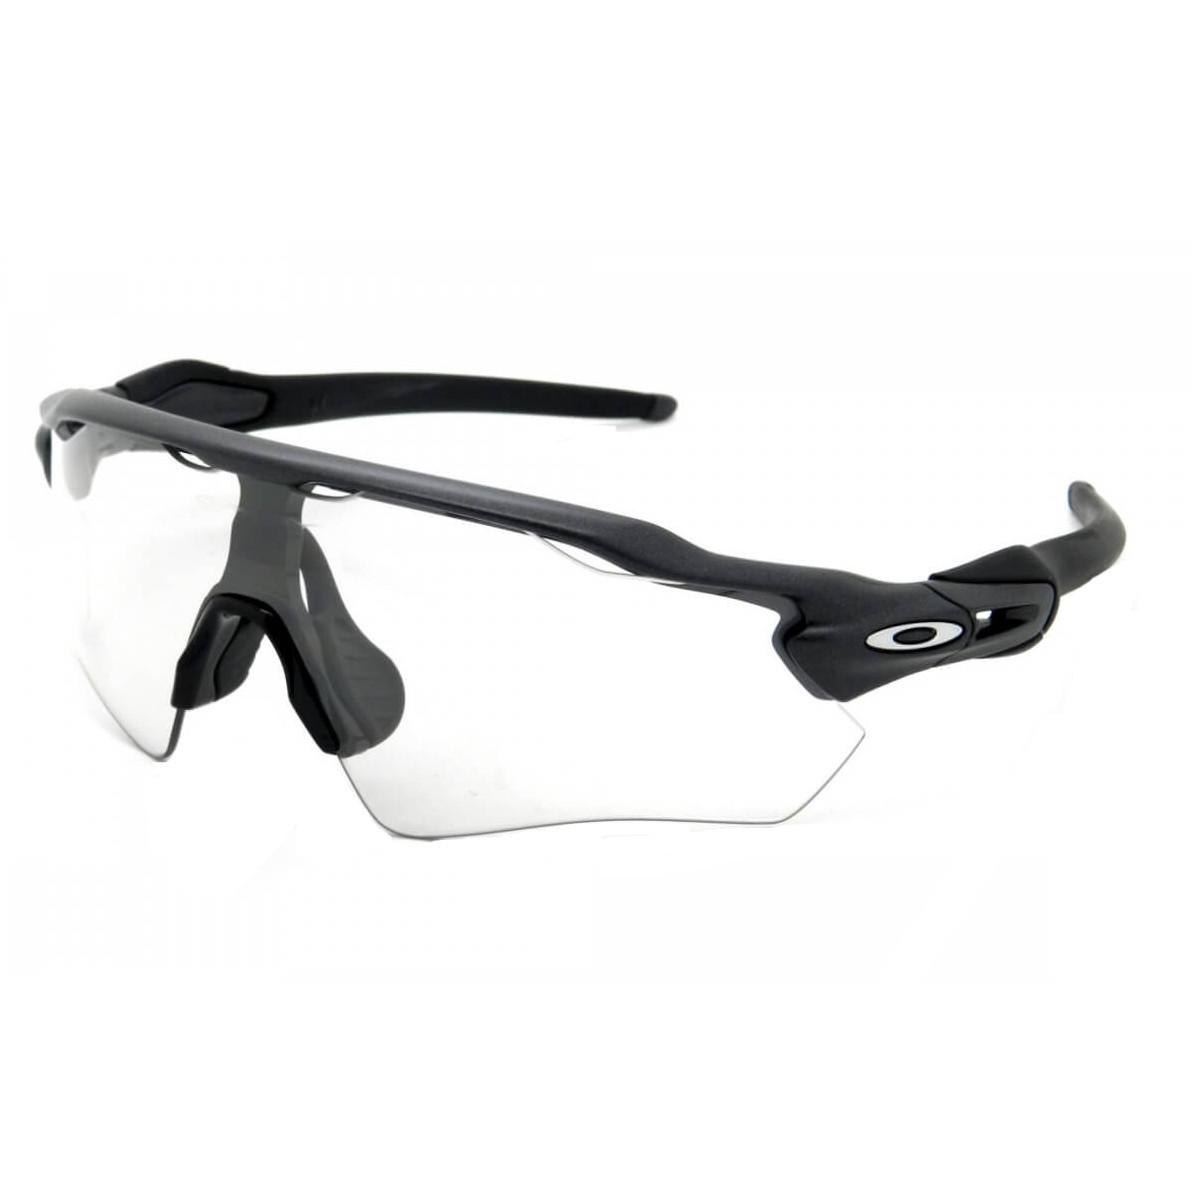 Óculos Oakley Radar Ev Path Matte Black Lente Transparente